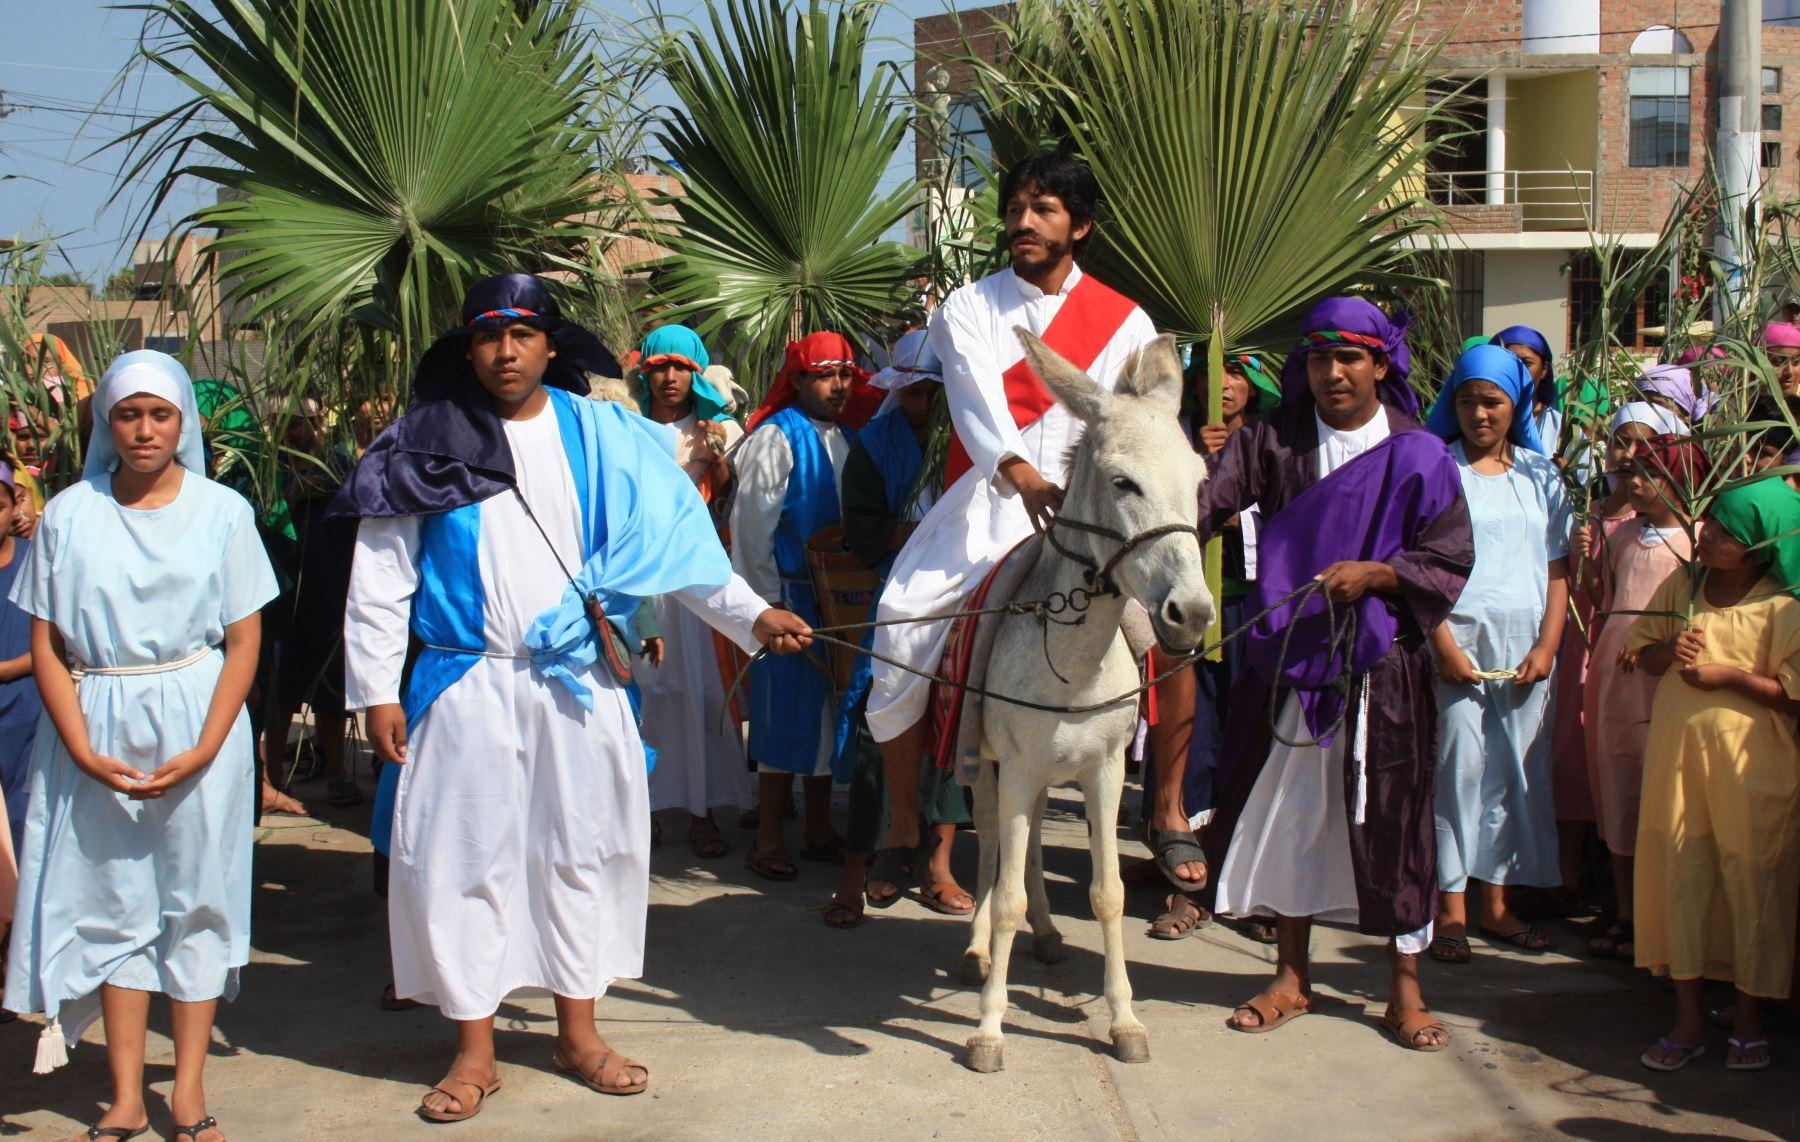 La Semana Santa en Reque es una de las manifestaciones religiosas más tradicionales de Lambayeque. ANDINA/Archivo